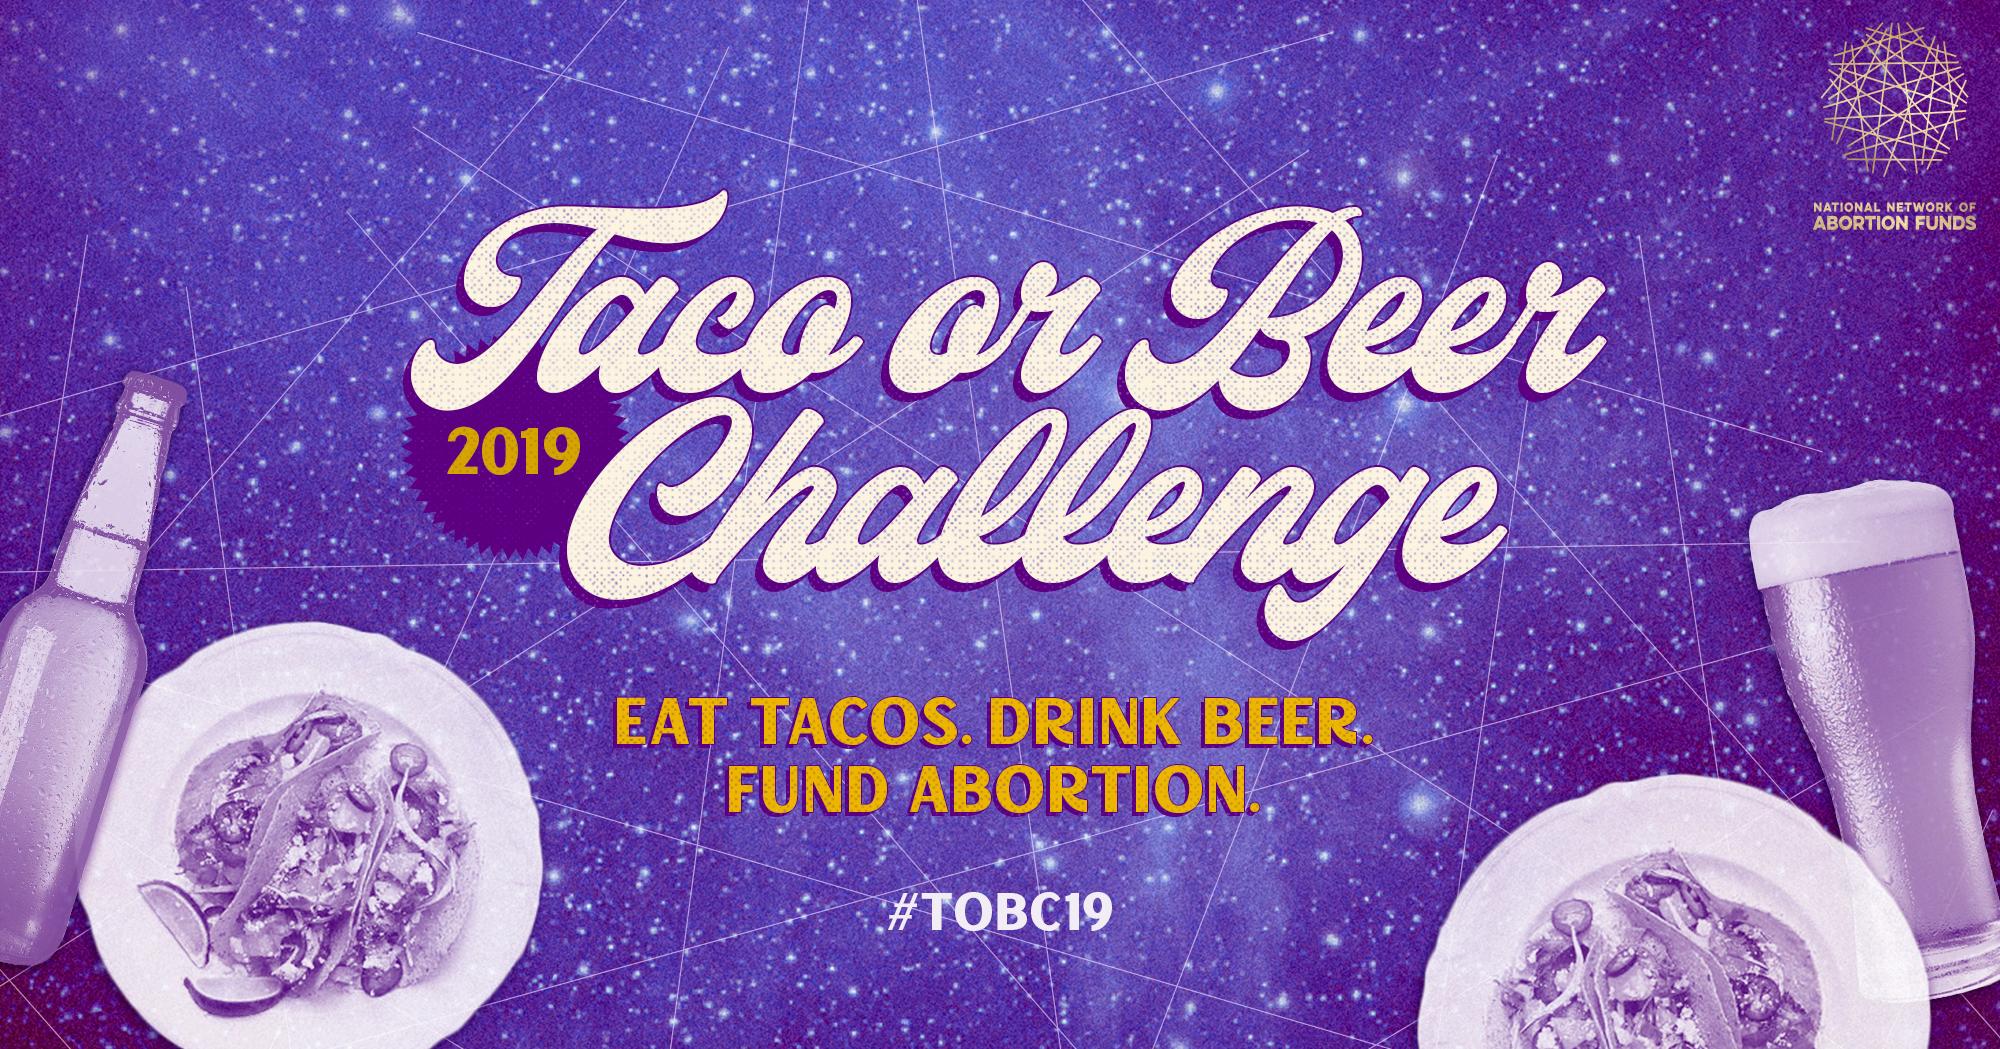 Taco or Beer Challenge 2019